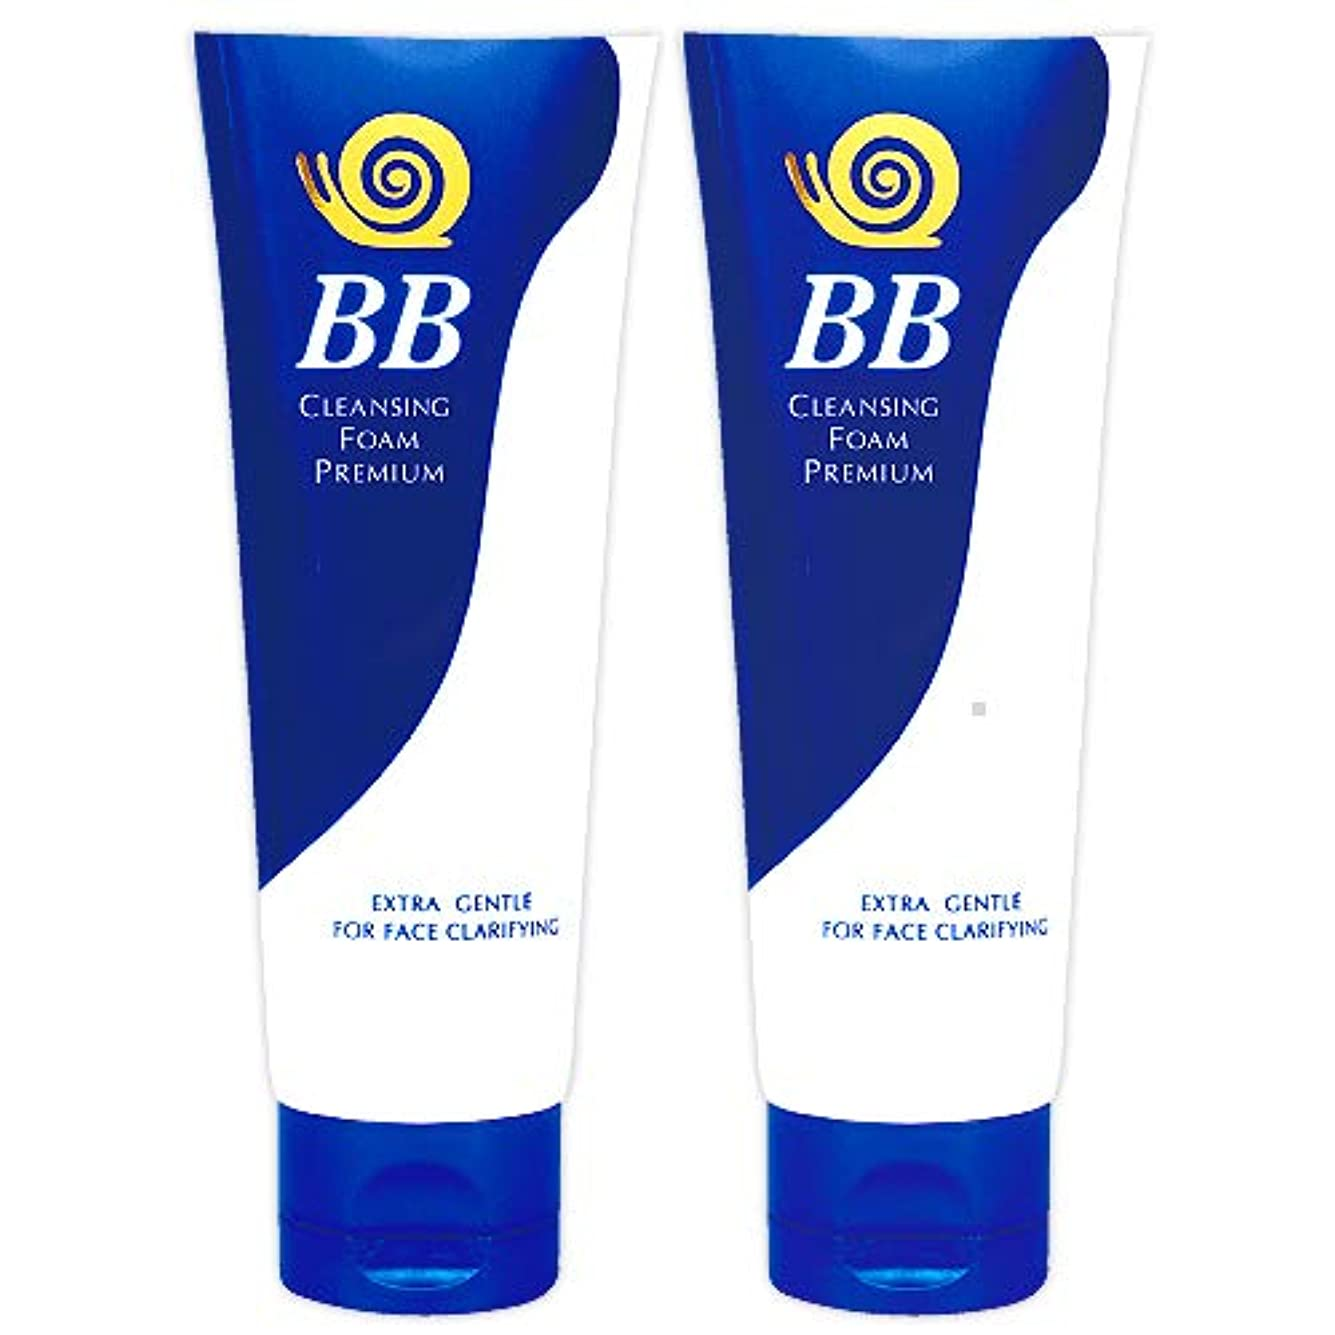 悪のまたね質素な極上 かたつむり BB 洗顔フォーム (プレミアム) 100g 2個 セット